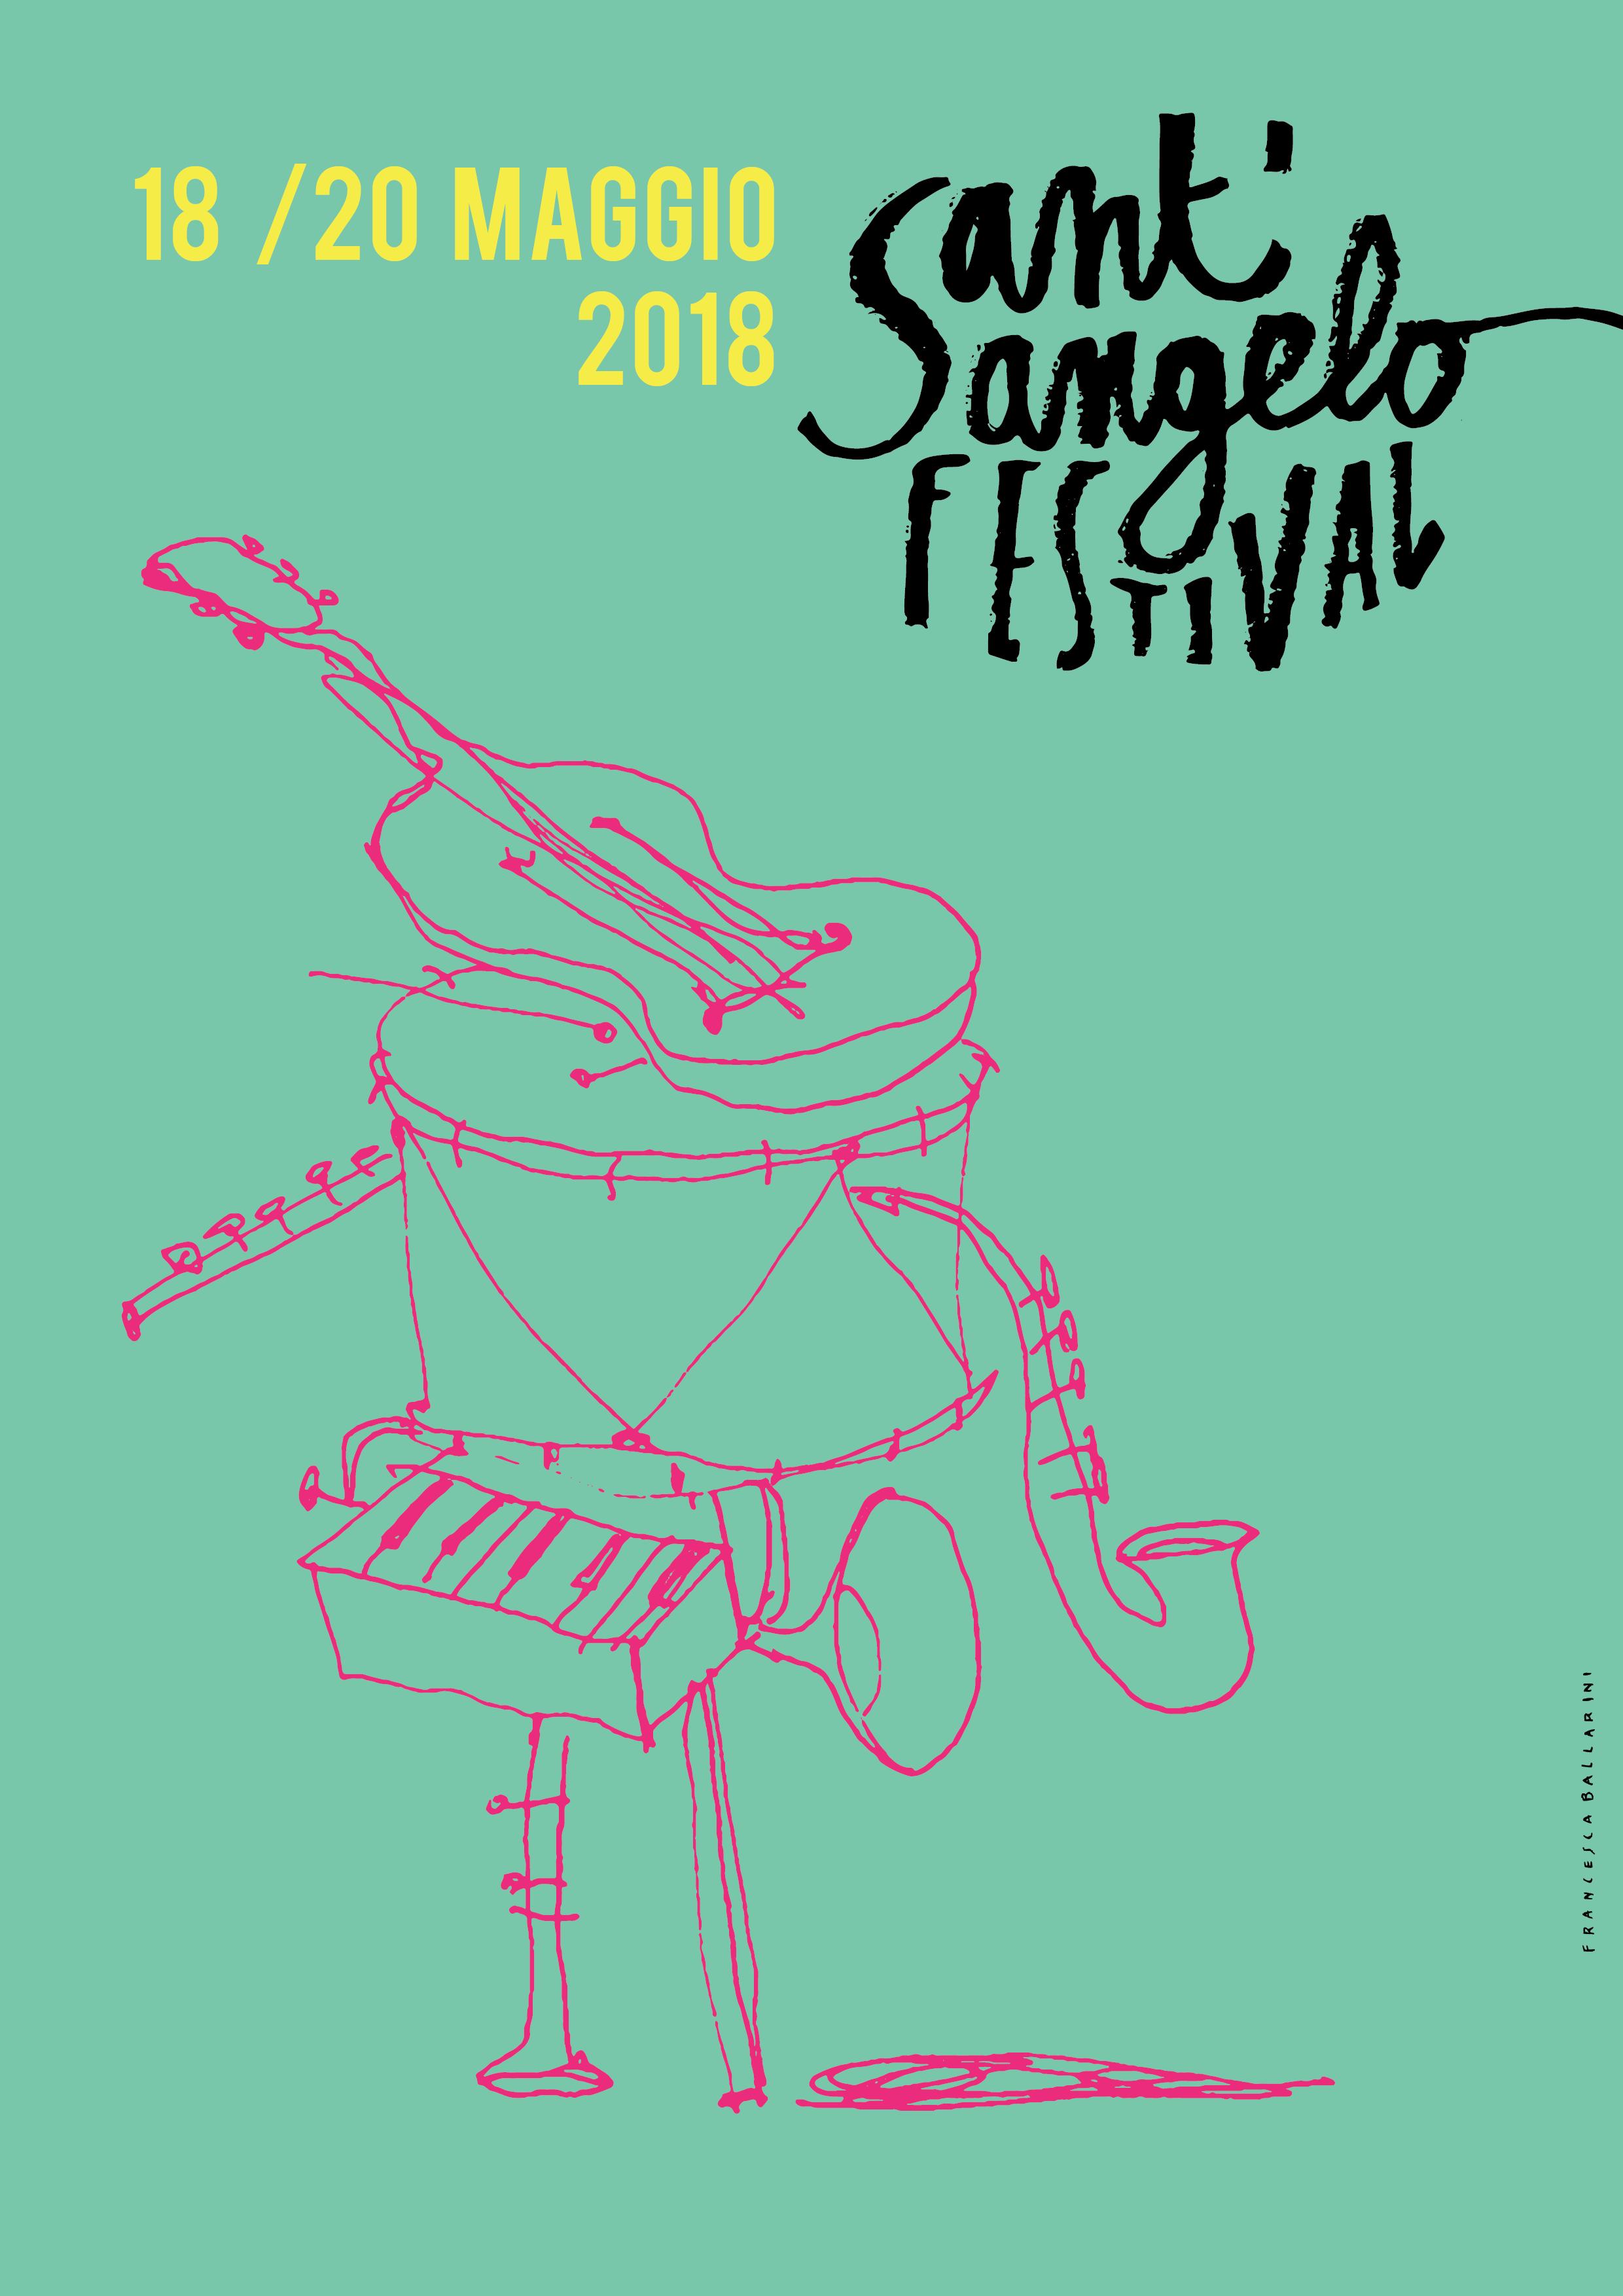 https://santangelofestival.it/wp-content/uploads/2018/03/sequenza_Vettoriale_Santangelo-16.png